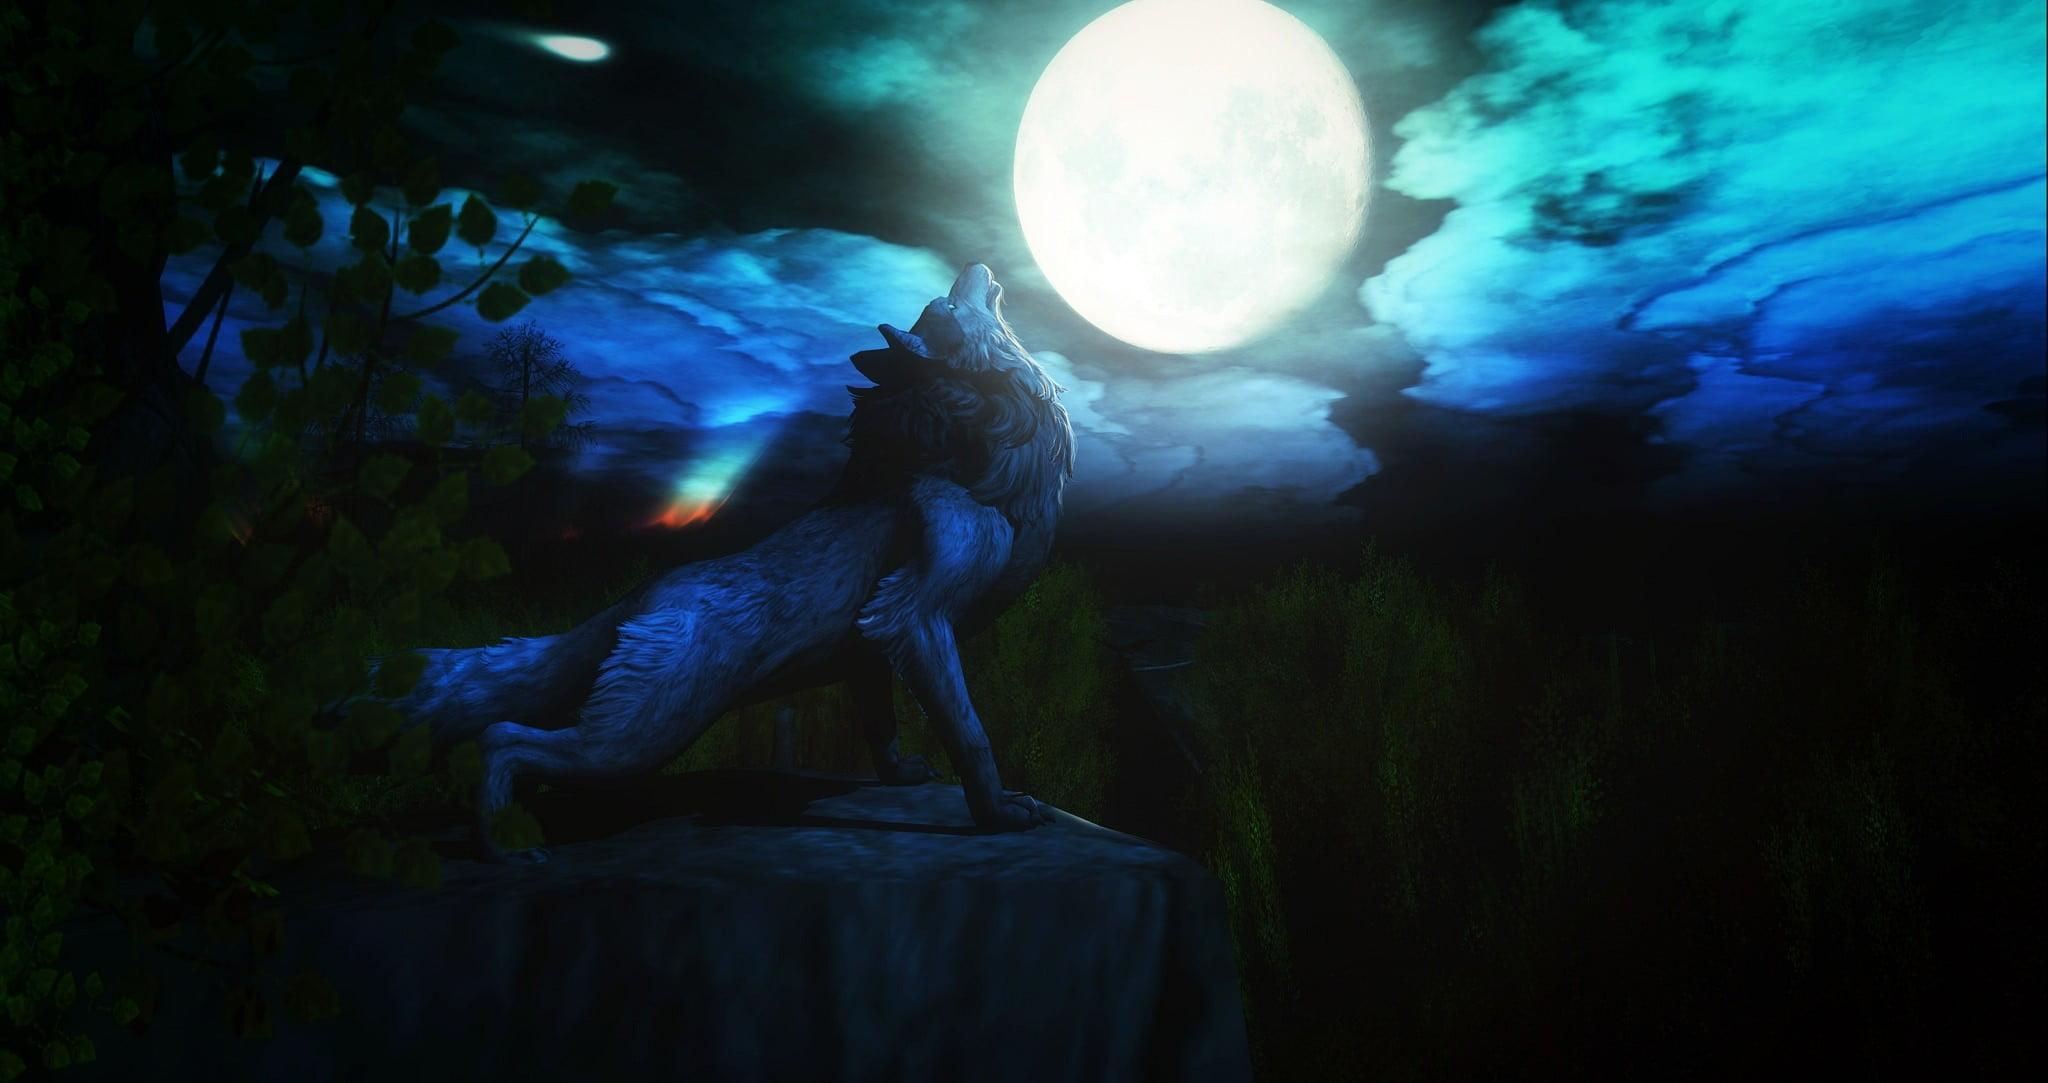 fantasy-art-moon-artwork-wolf-wallpaper